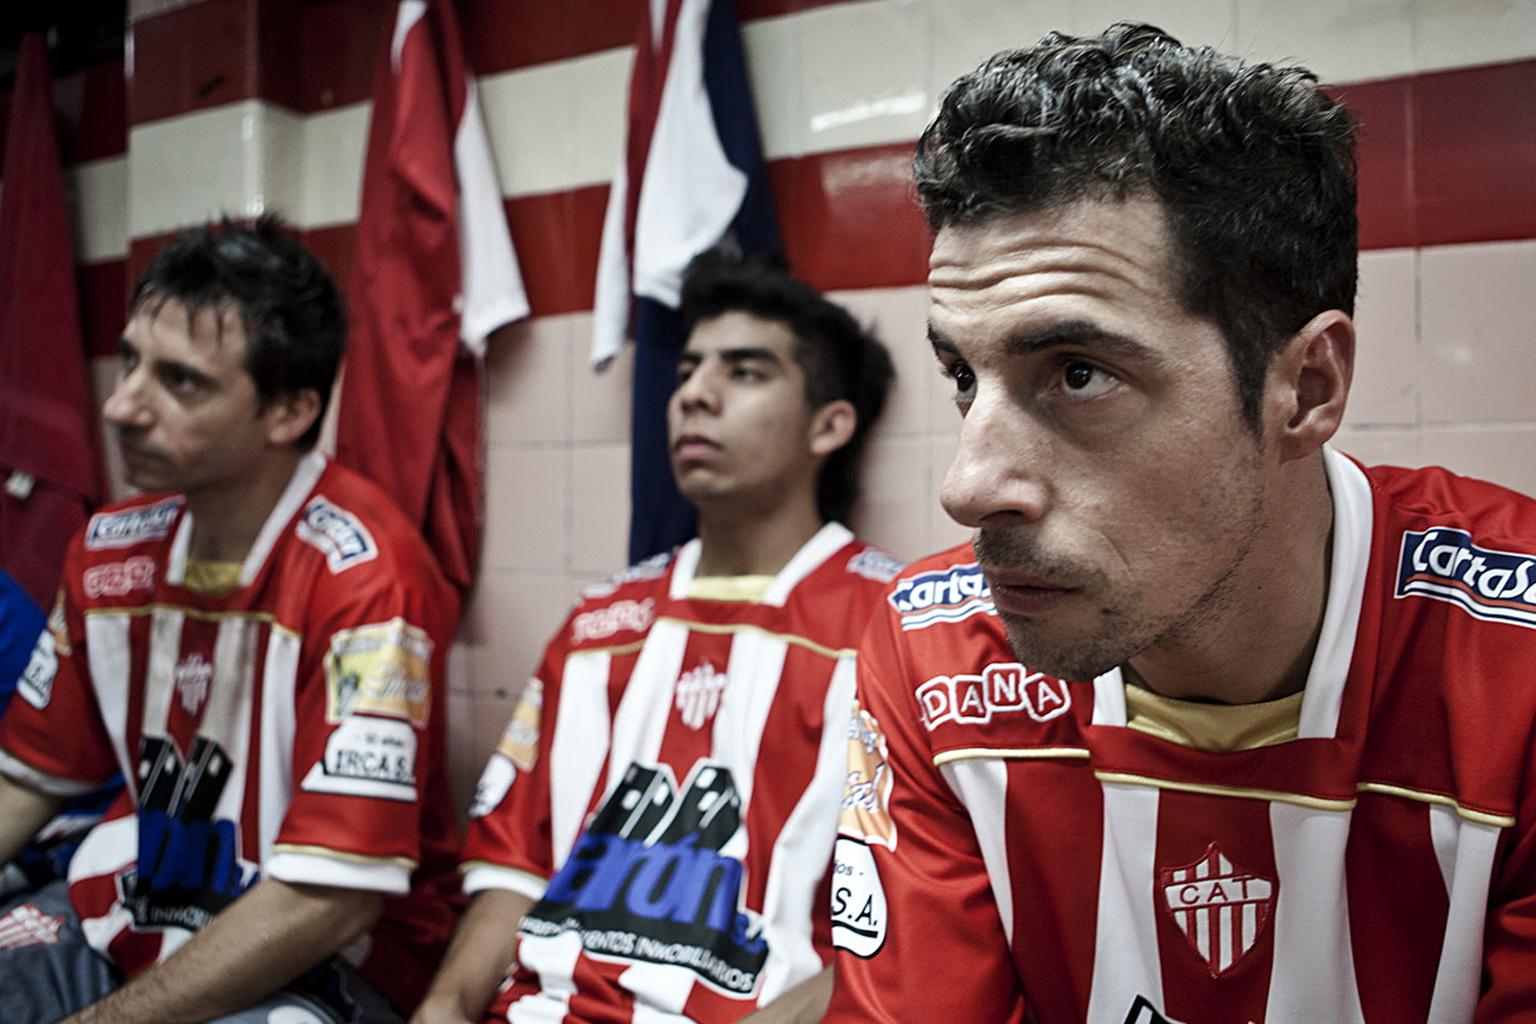 Un gol de media cancha: Fútbol, pasión y películas